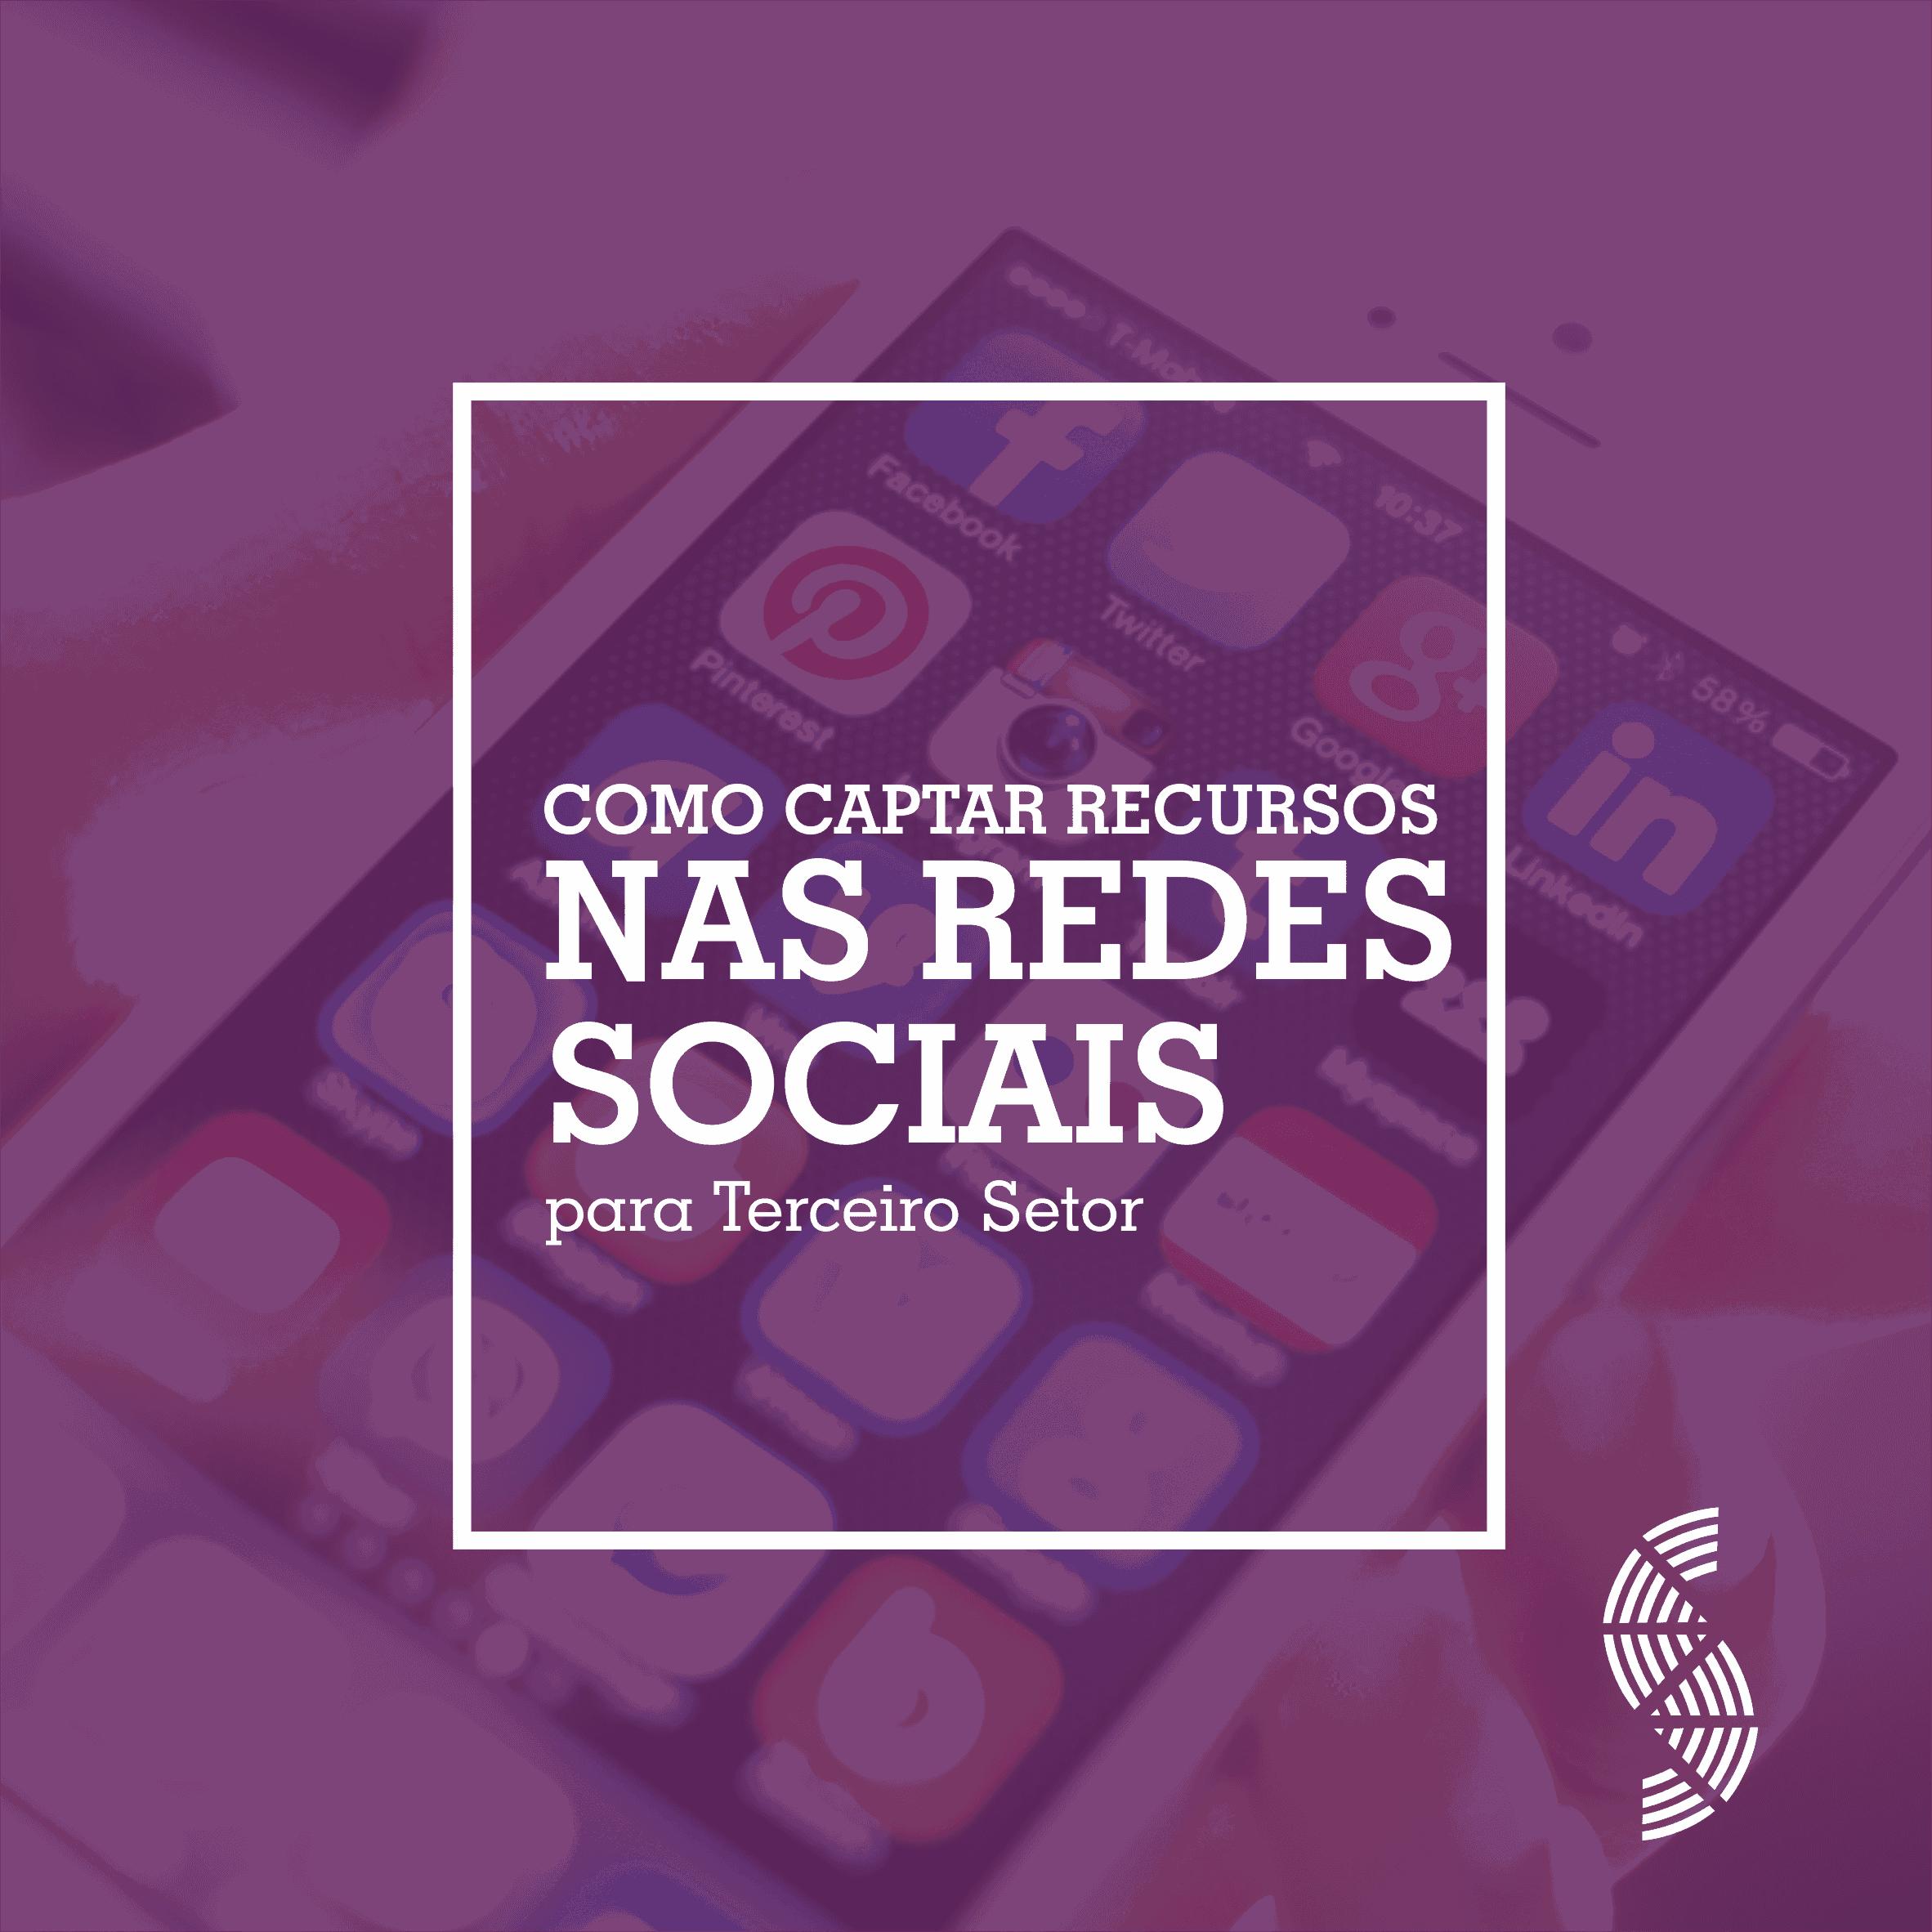 Como Captar Recursos nas Redes Sociais para Terceiro Setor